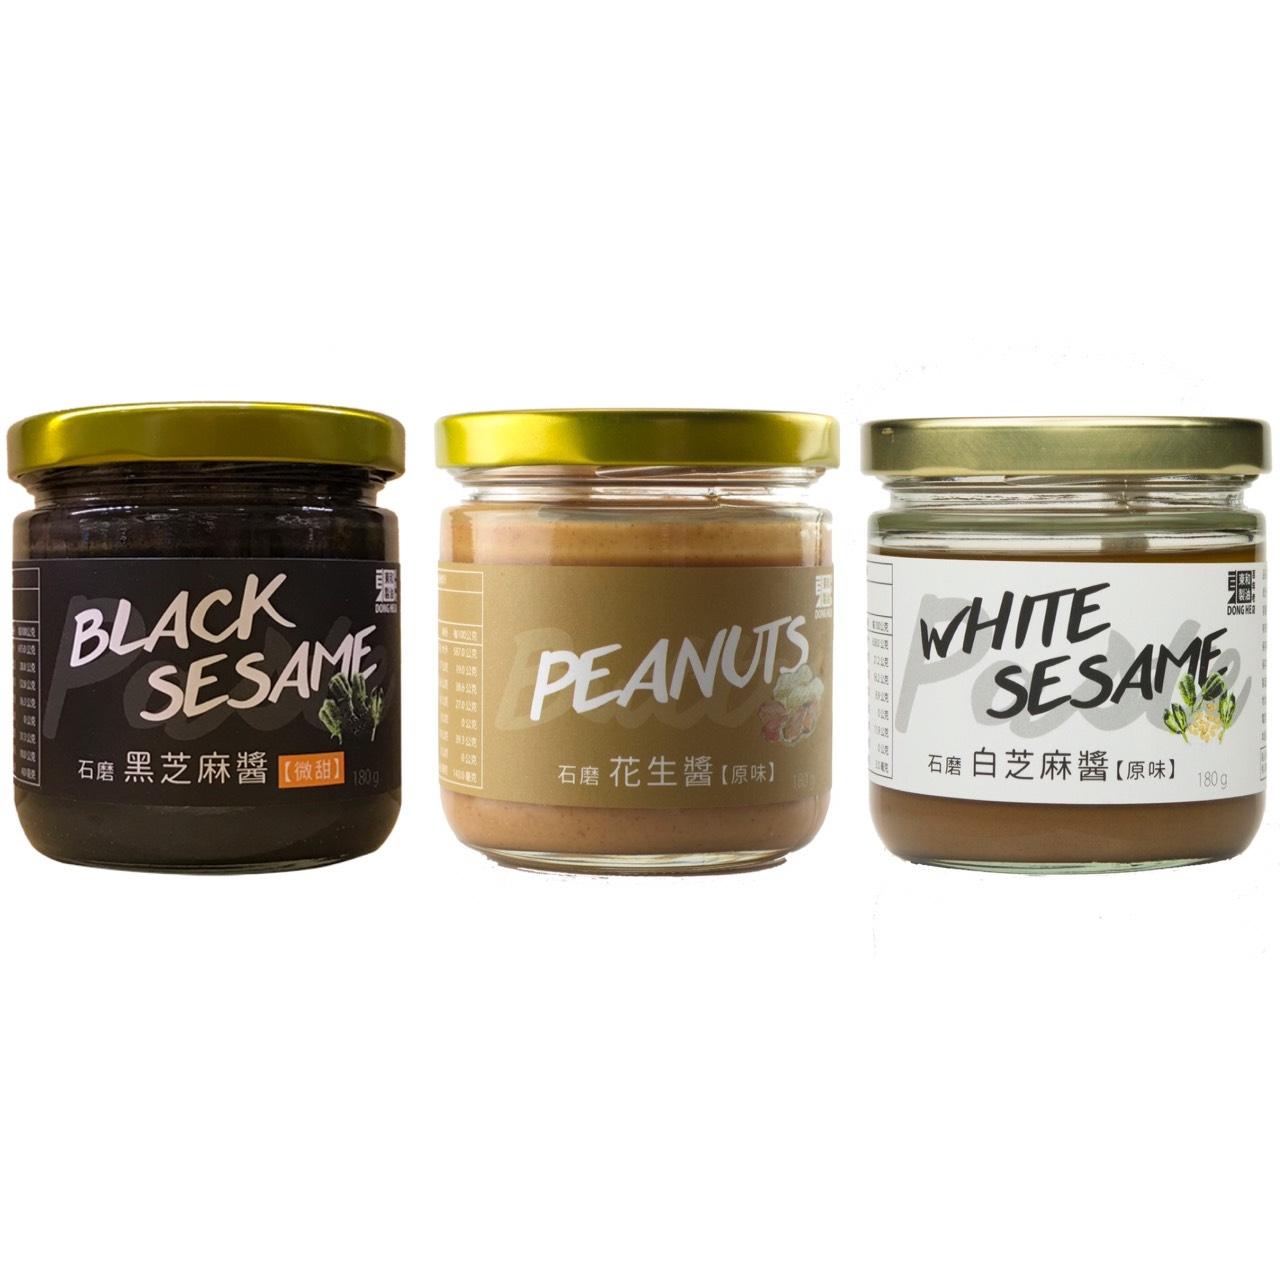 【東和製油】石磨黑芝麻醬(微甜)1入 花生醬(無糖)1入 石磨白芝麻醬(無糖)1入